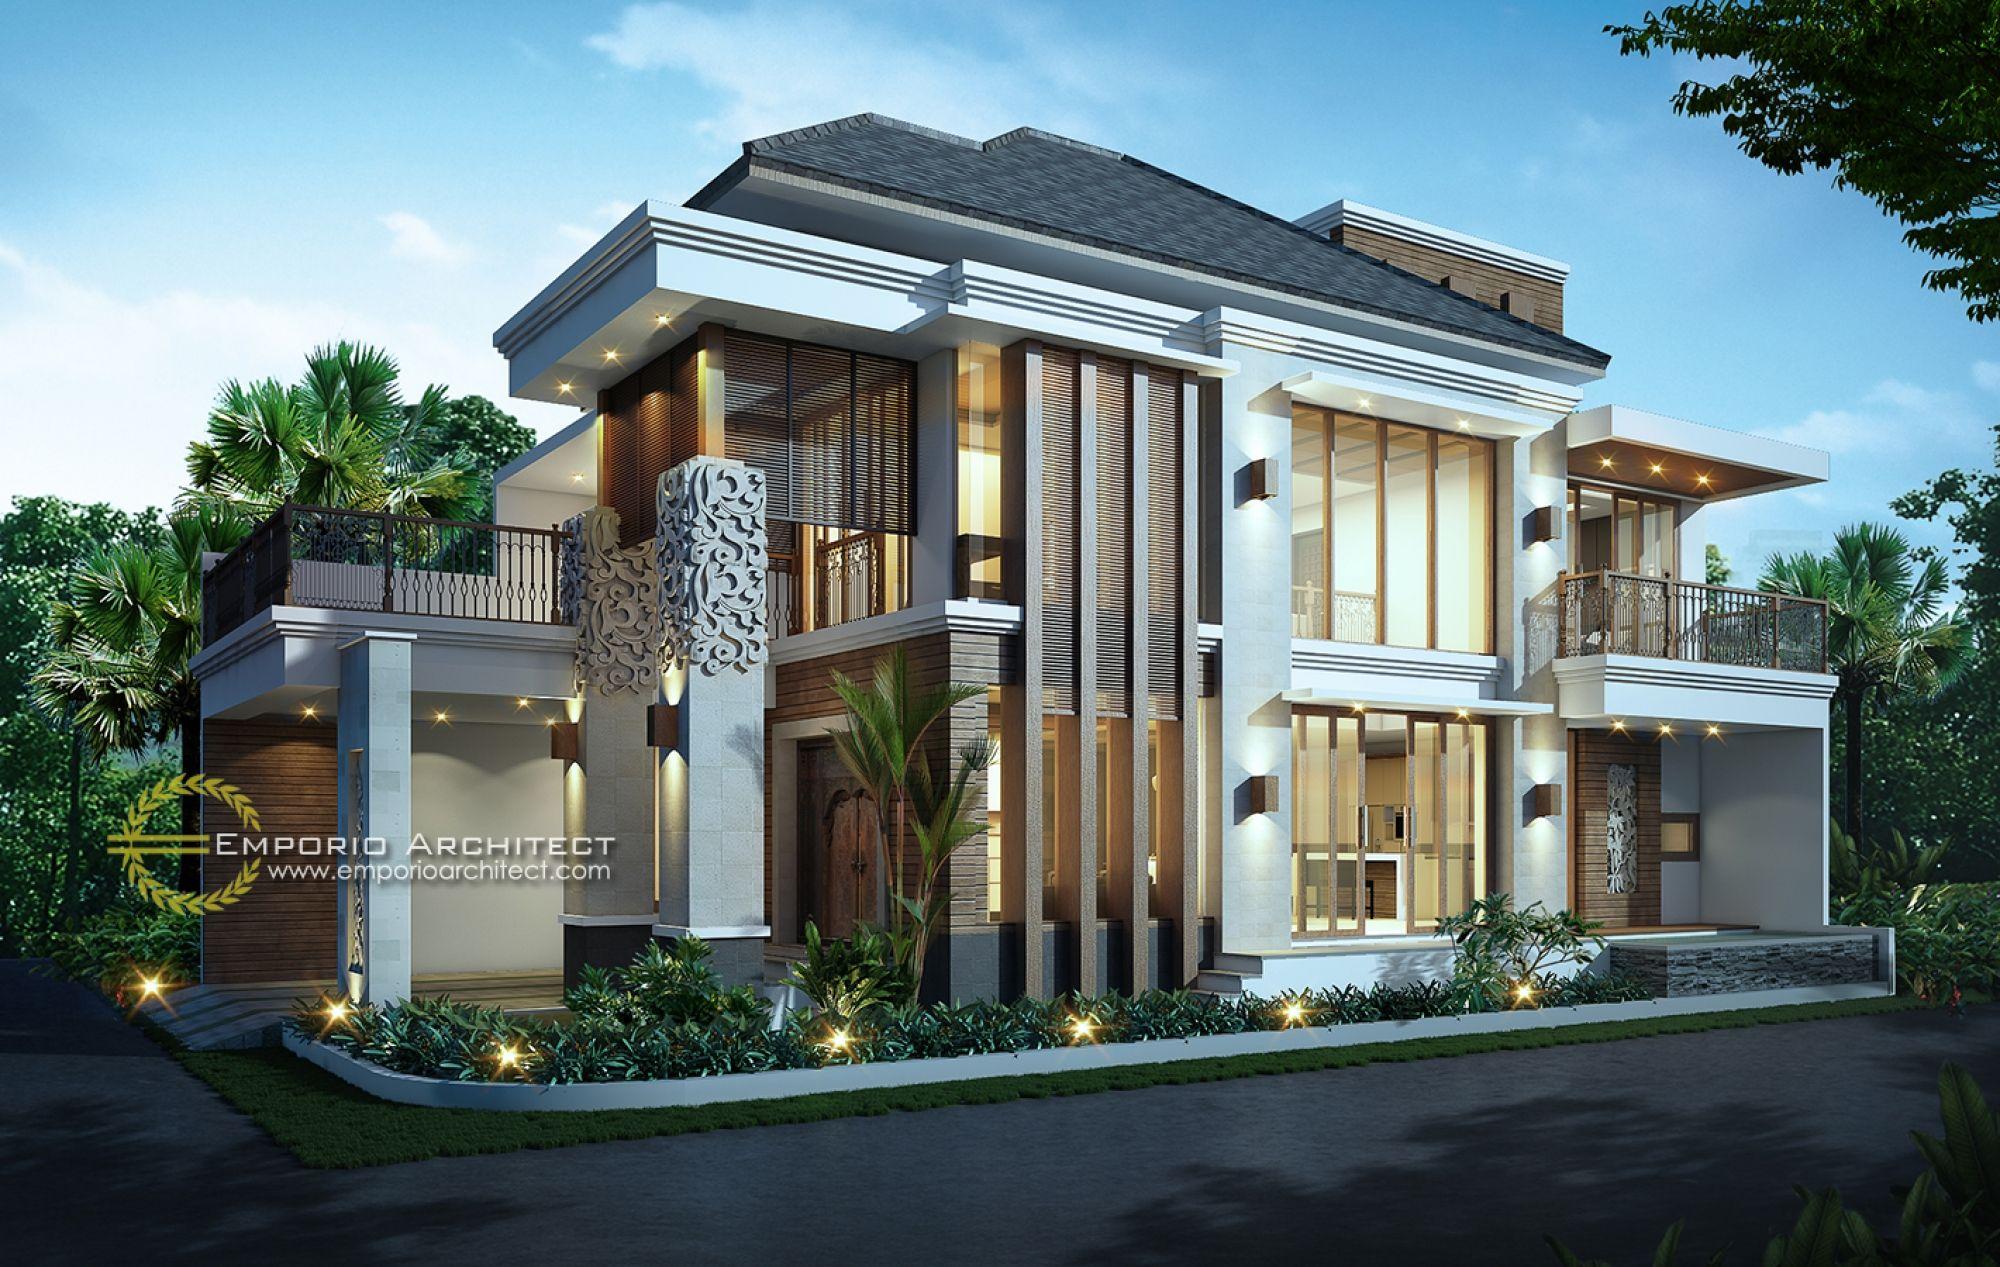 Jasa Arsitek Jakarta Desain Rumah Ibu Imelda Arsitektur Desain Arsitektur Desain Rumah